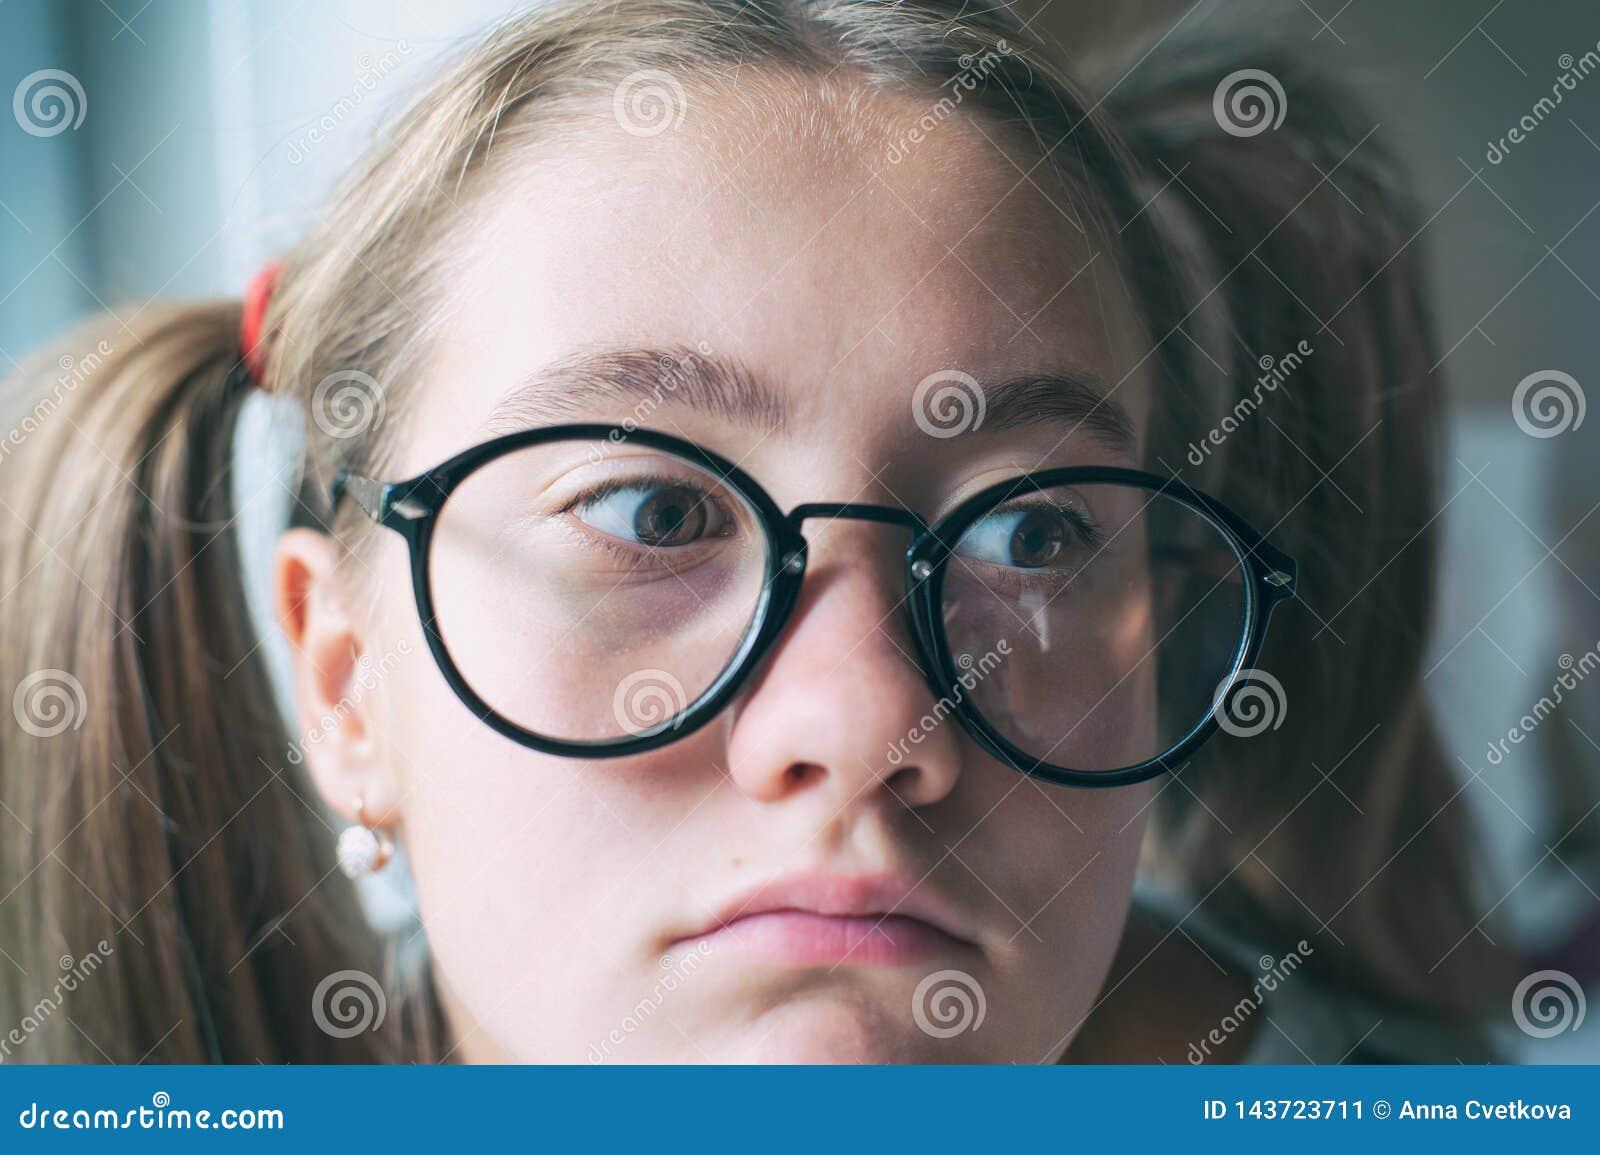 Boring School Nerdy grappig meisje met paardestaarten in oogglazen